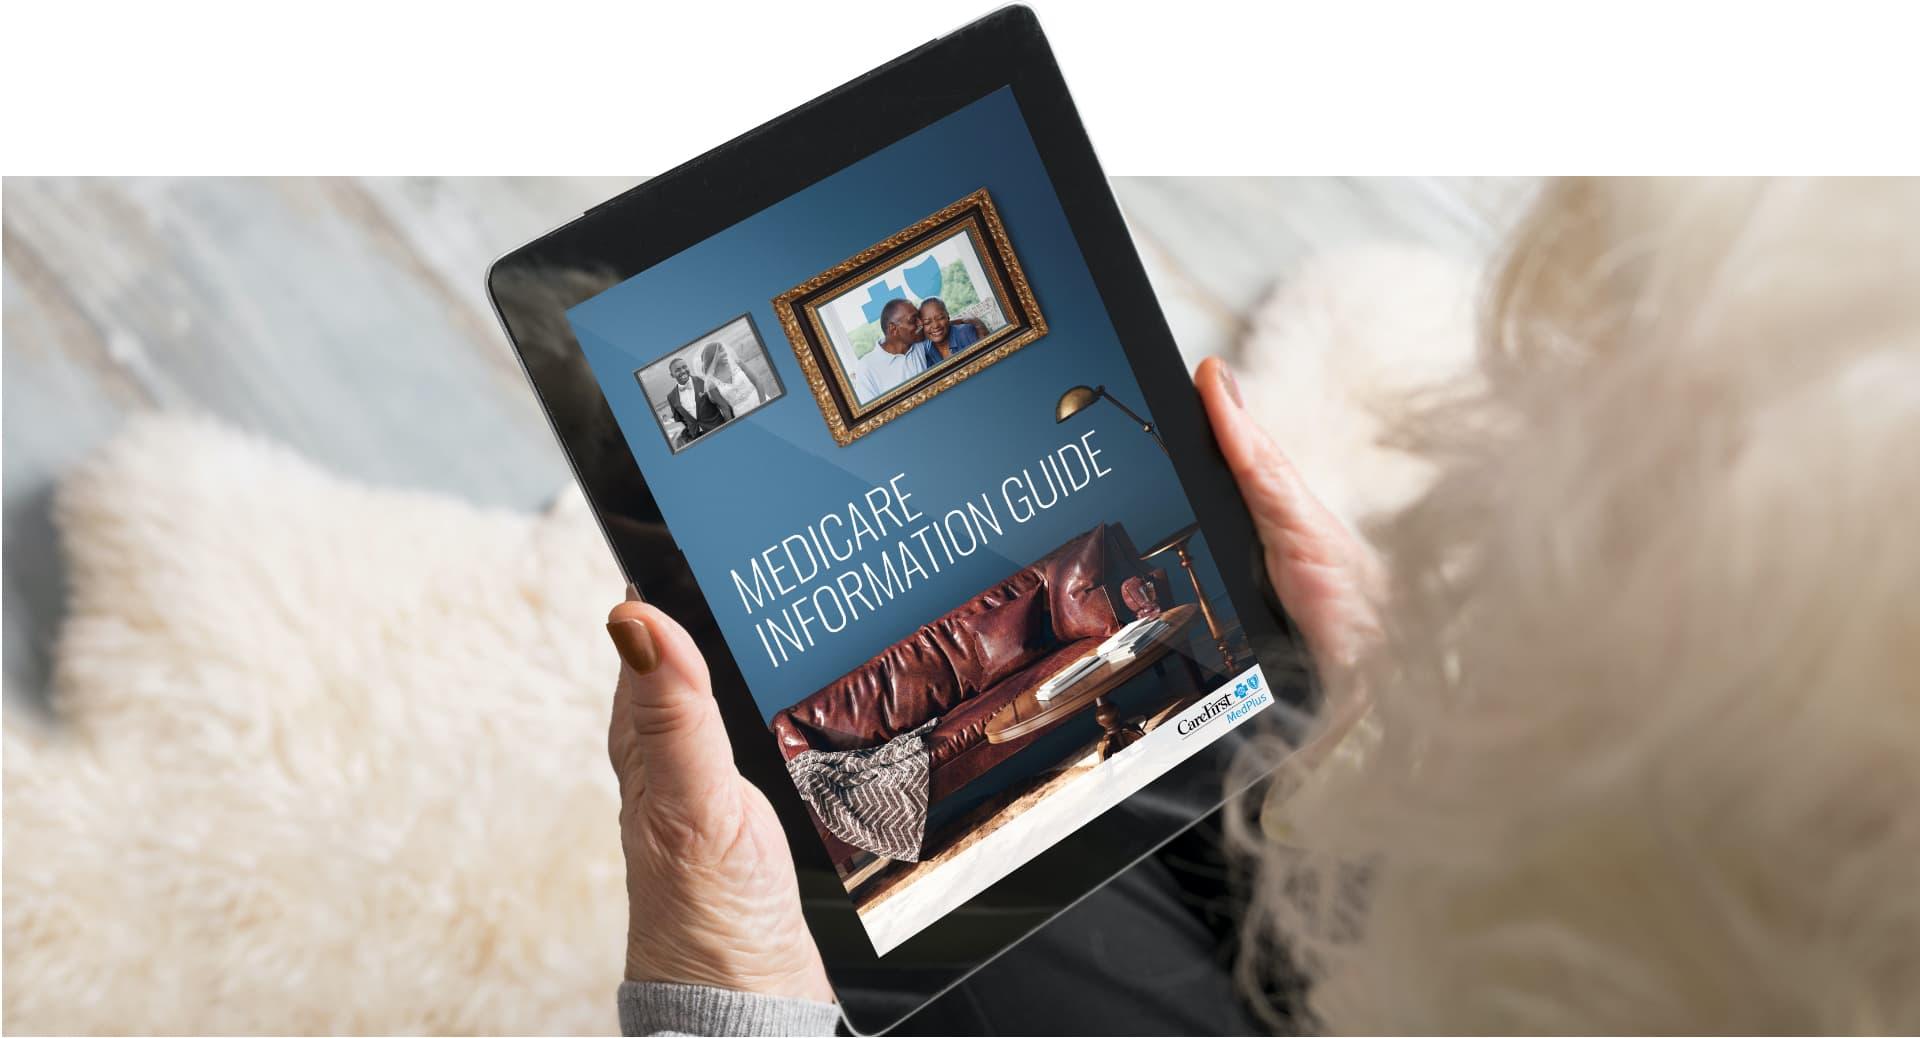 Medicare Information Guide